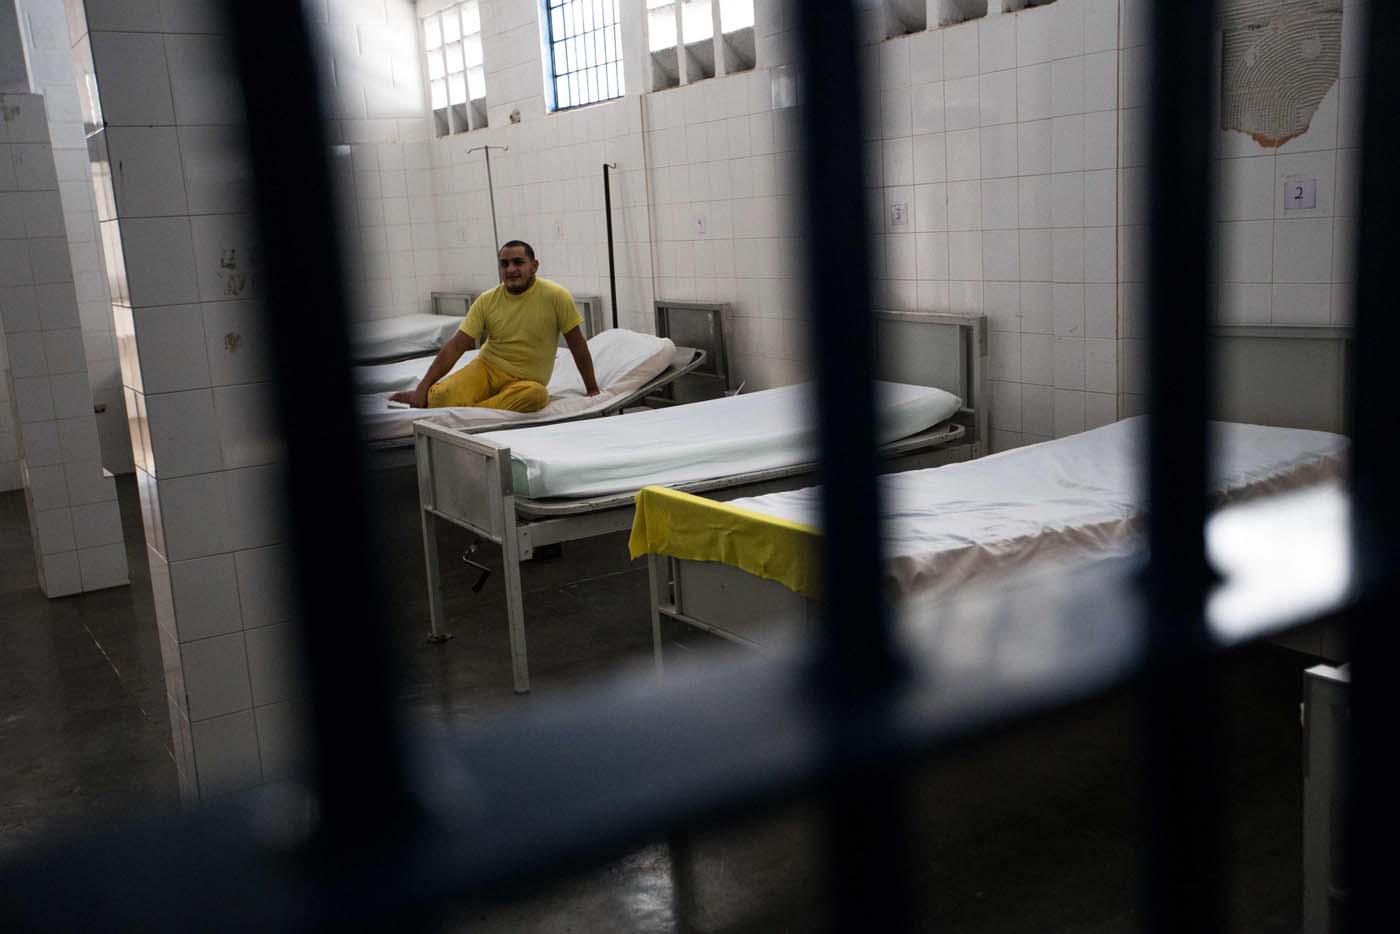 """ACOMPAÑA CRÓNICA:VENEZUELA CÁRCELES CAR01. MÉRIDA (VENEZUELA), 17/02/2017.- Fotografía del 9 de febrero de 2017 de un interno que descansa en la enfermería del Centro Penitenciario de la Región Andina, en Mérida, estado Mérida (Venezuela). Las cárceles de Venezuela, durante décadas ciudades intramuros de violencia, armas, drogas y delito, son objeto de la transformación del """"nuevo sistema penitenciario"""", un régimen diseñado por el Gobierno socialista para la construcción """"del hombre nuevo"""". EFE/CRISTIAN HERNÁNDEZ"""